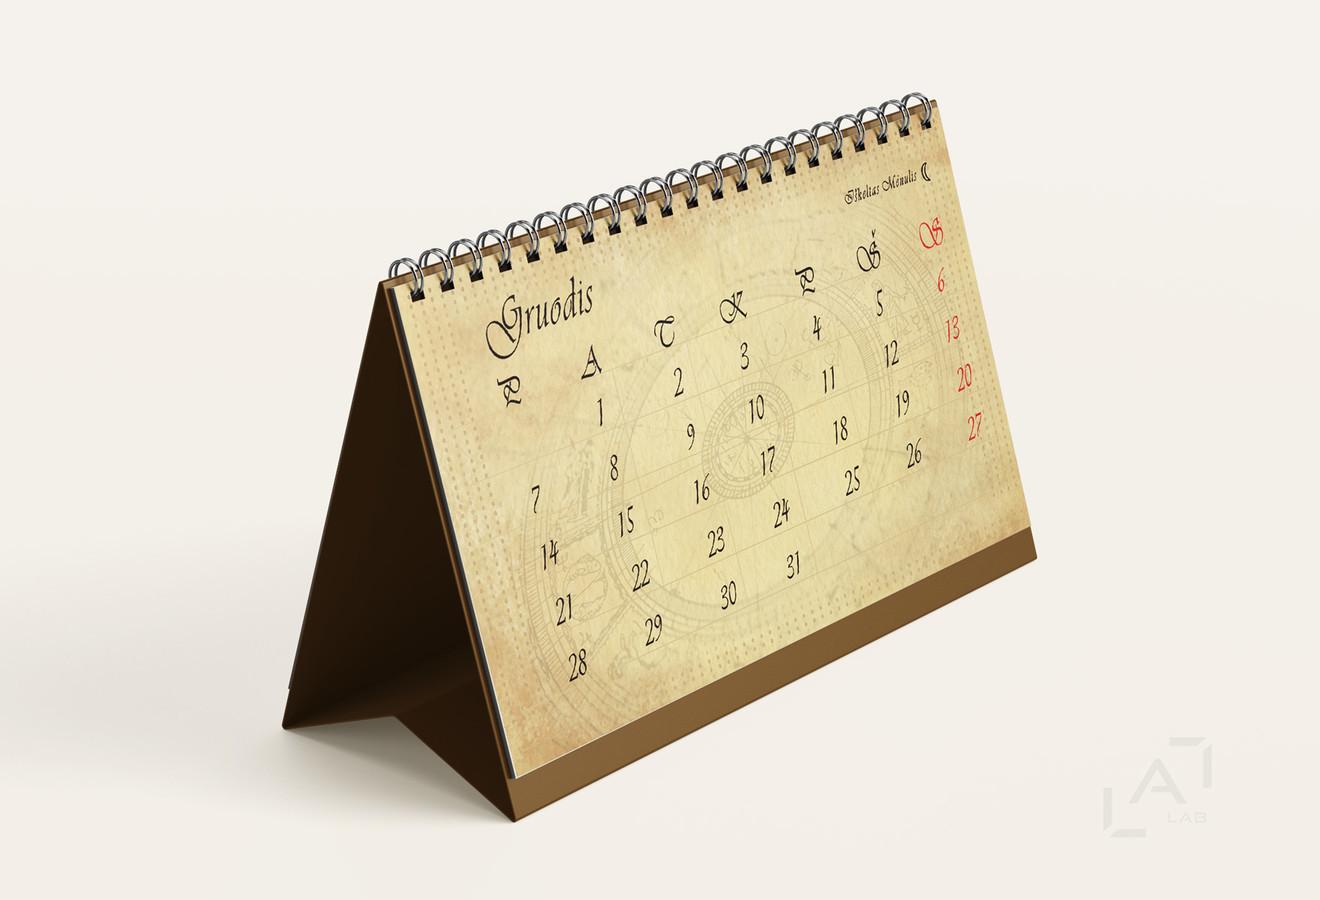 Stalinio kalendoriaus dizainas ir maketavimas.